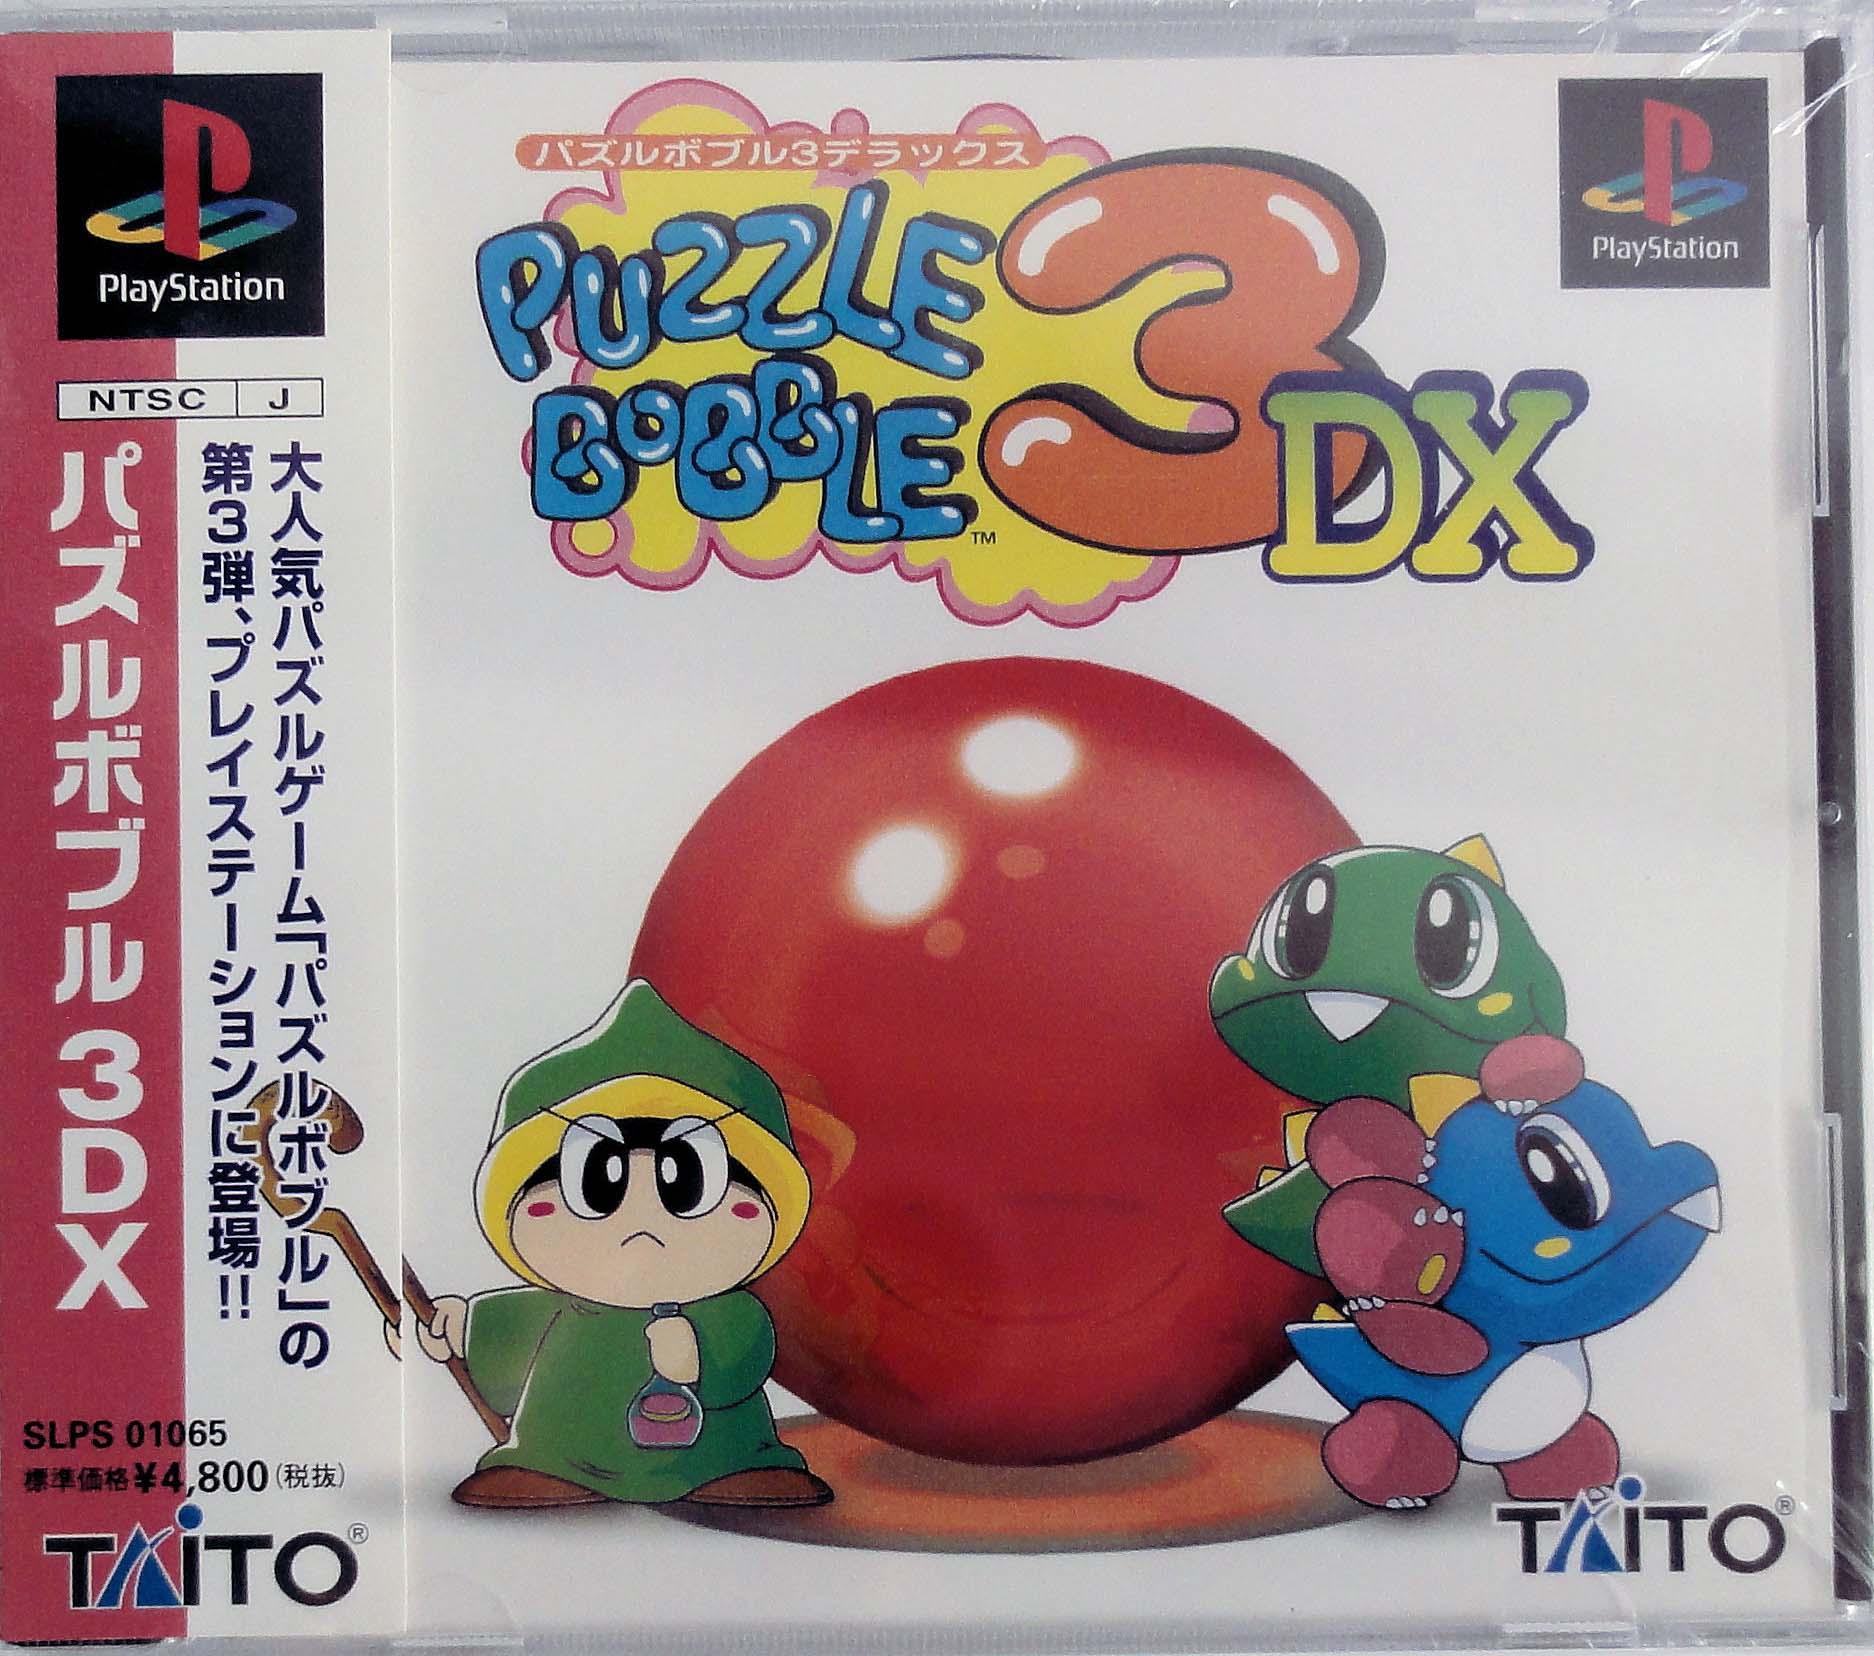 Puzzle Bobble 3 DX